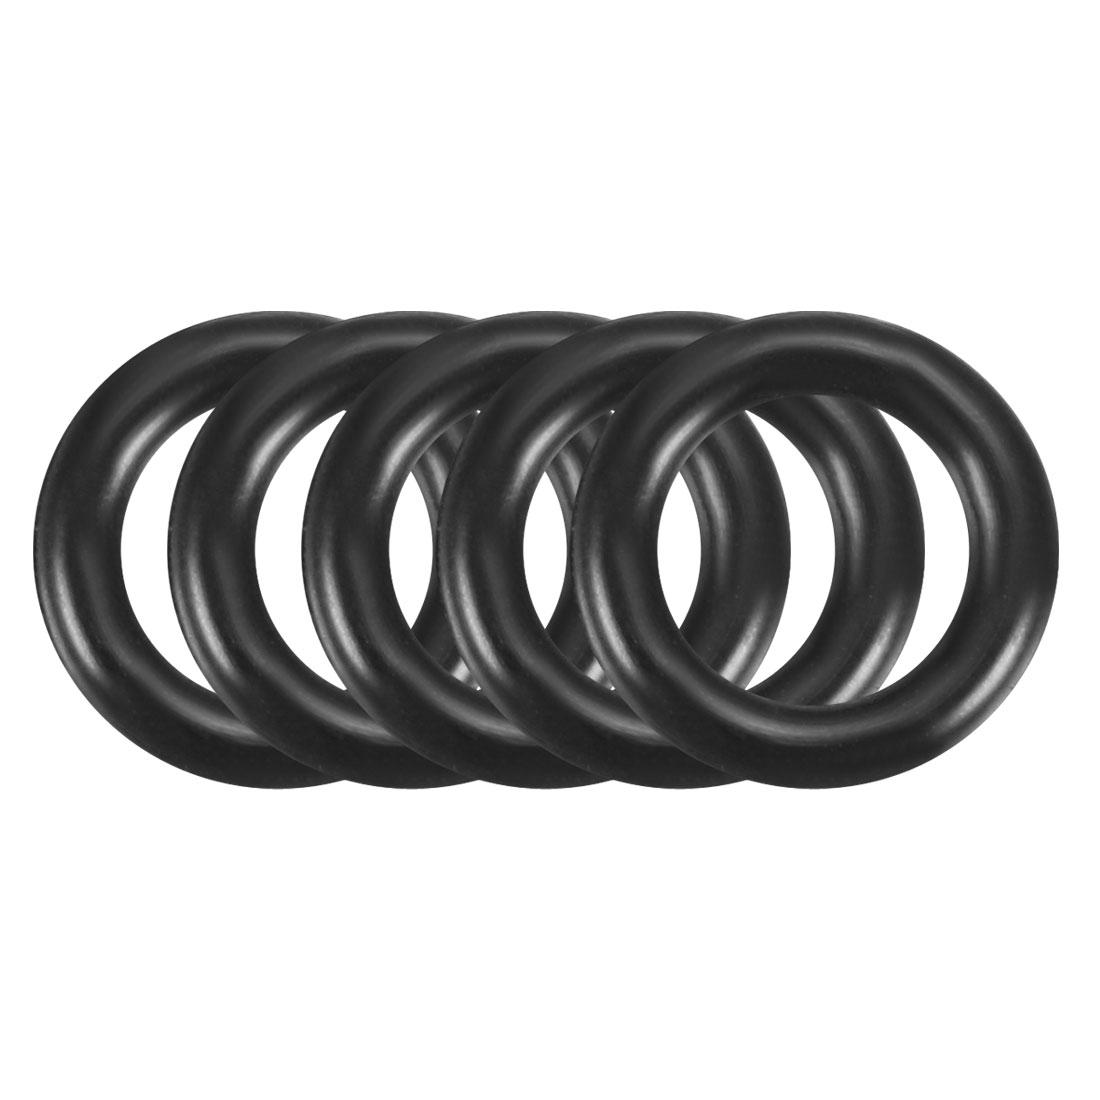 Black 200 Pcs 5mm Inner Diameter Rubber Seal Rings Grommets